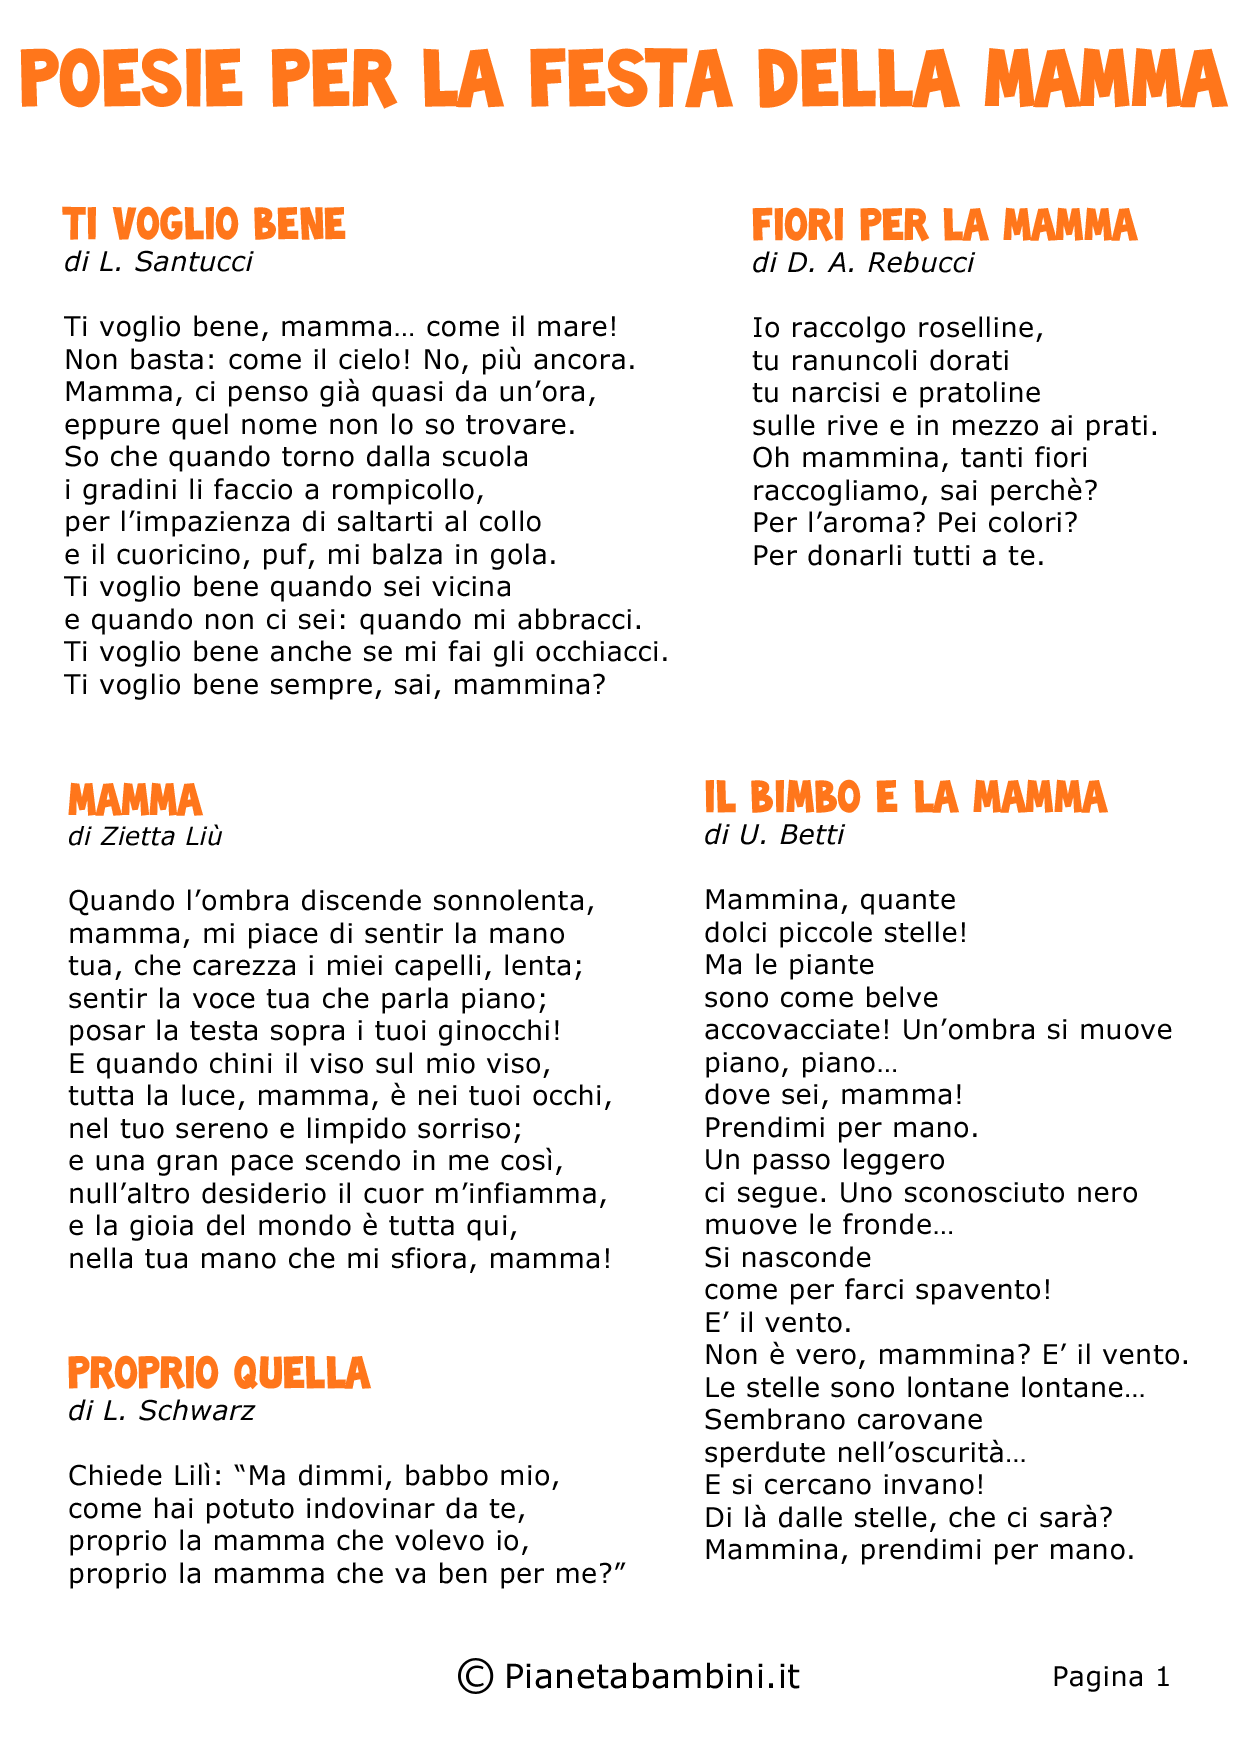 Poesie-Festa-Mamma-01